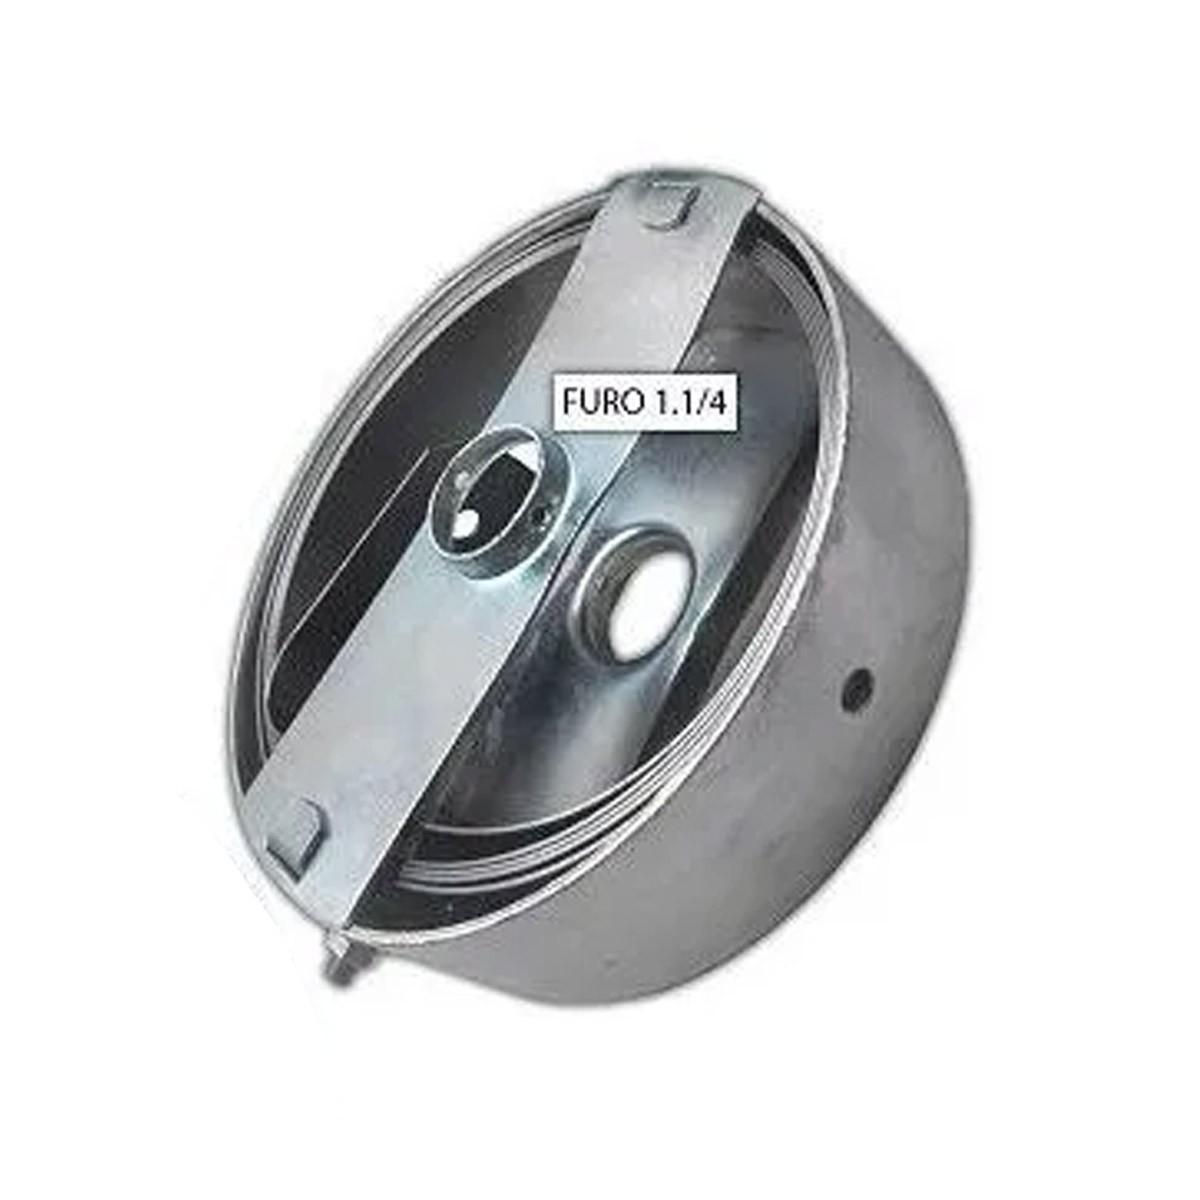 01 Mola Porta De Aço Enrolar 4.0 Metros Furo 1.1/4